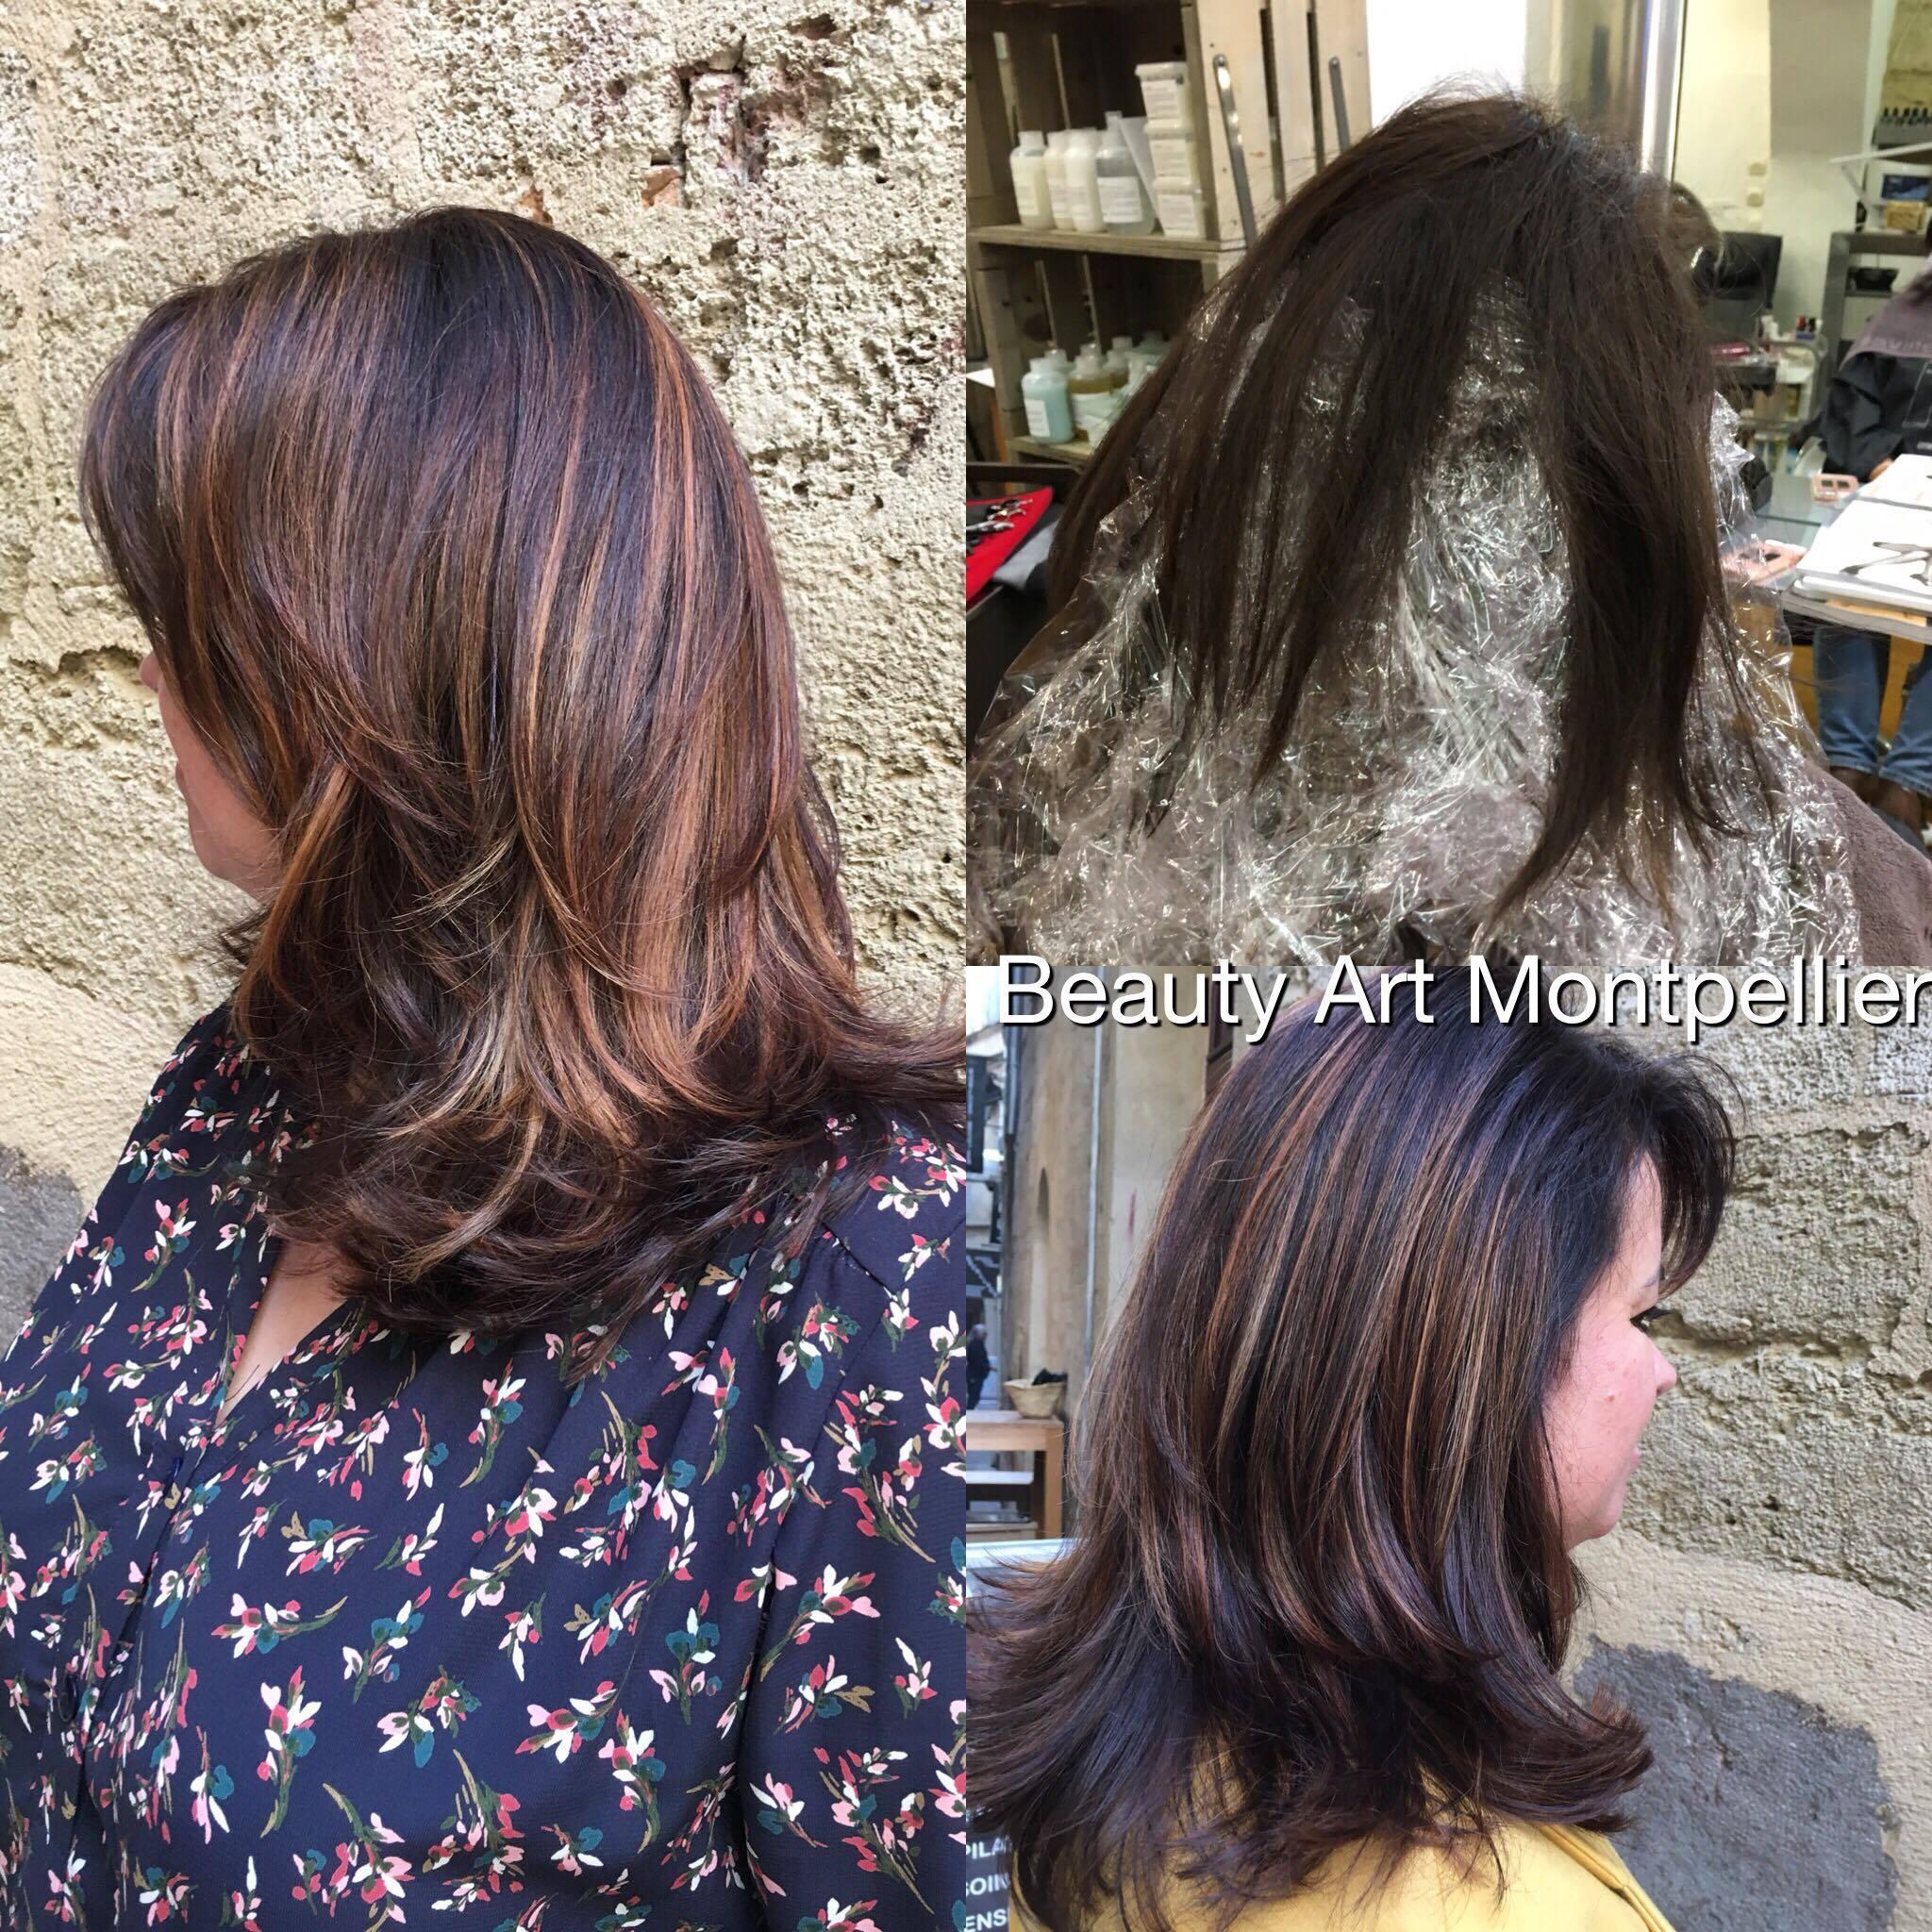 Salon de coiffure montpellier 8 beauty art for Salon ce montpellier